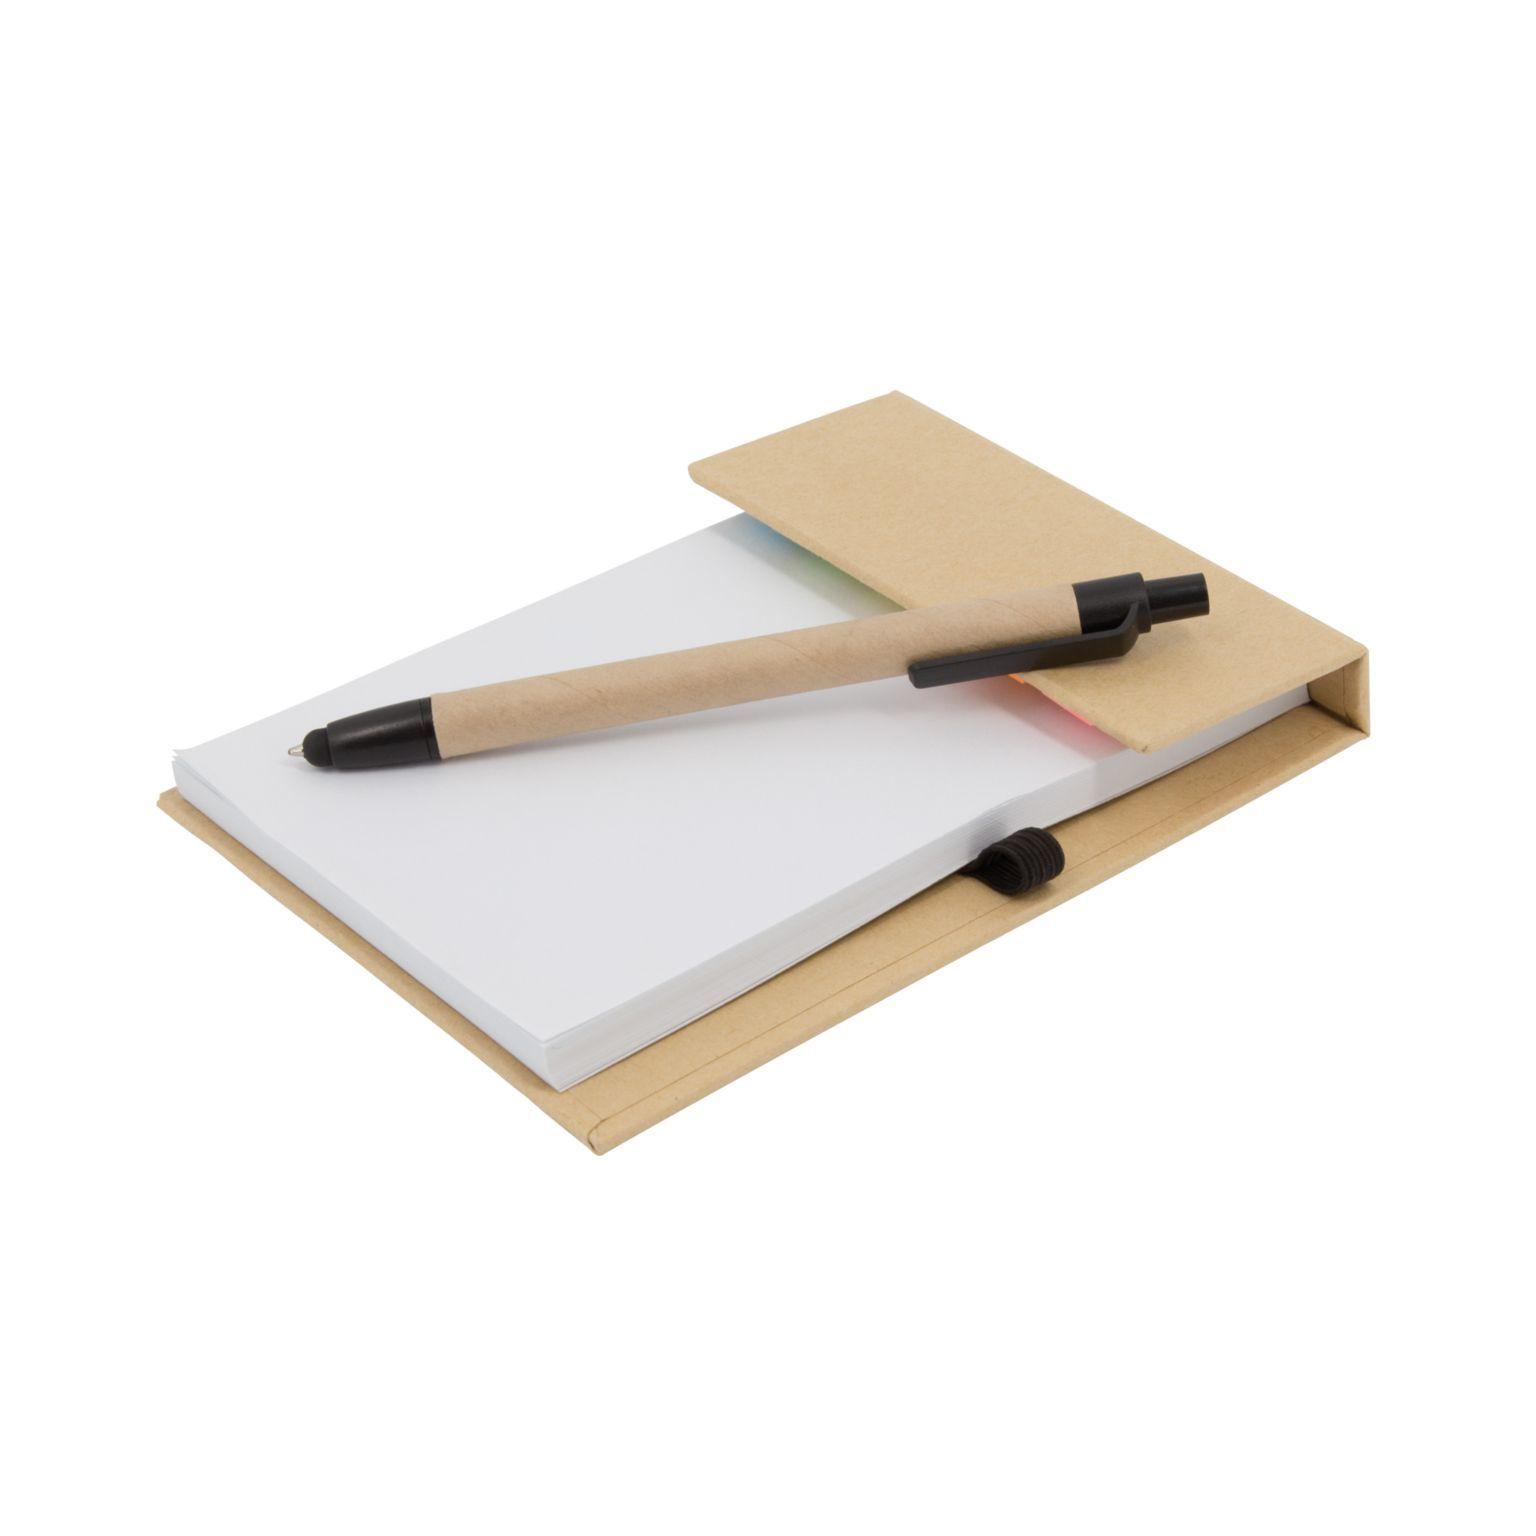 Carnet feuilles + marque-pages adhésifs et stylo bille - Y1806-001-id1023